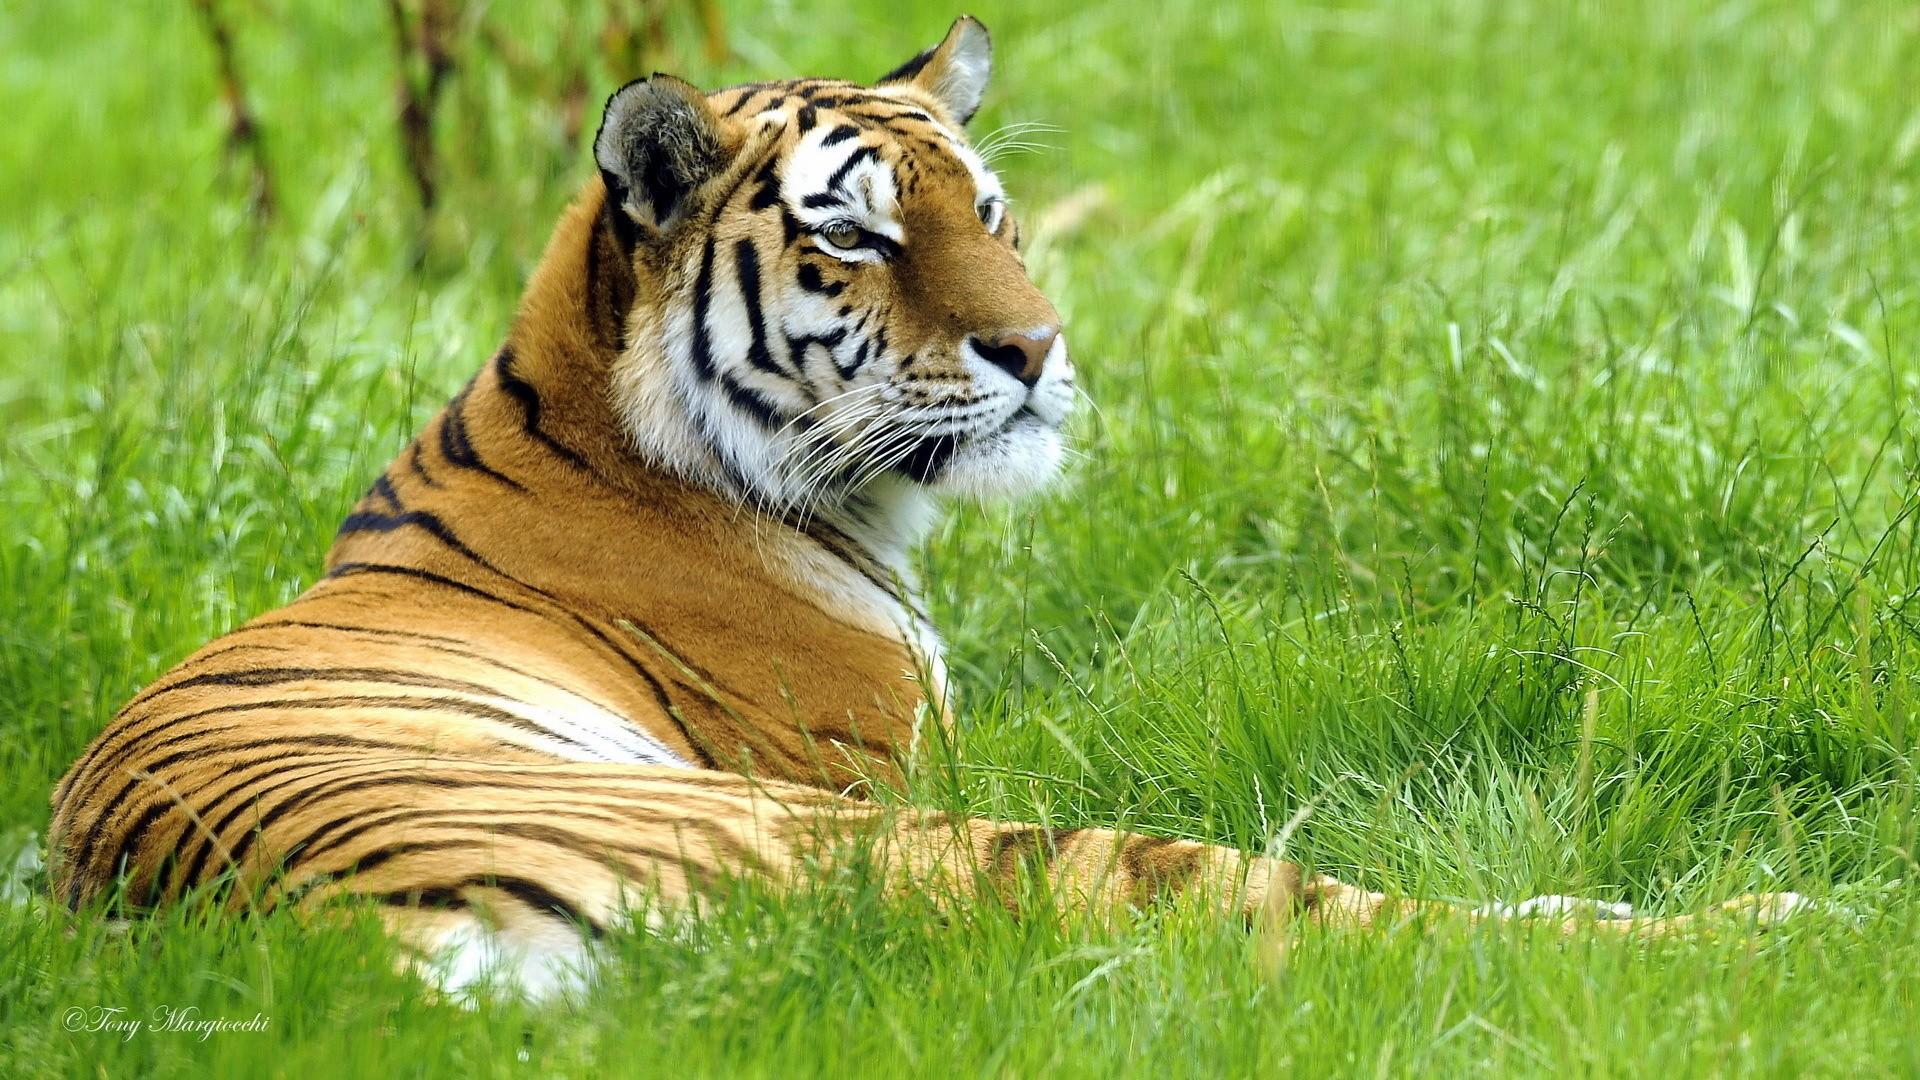 Un tigre en mi jardín - 1920x1080